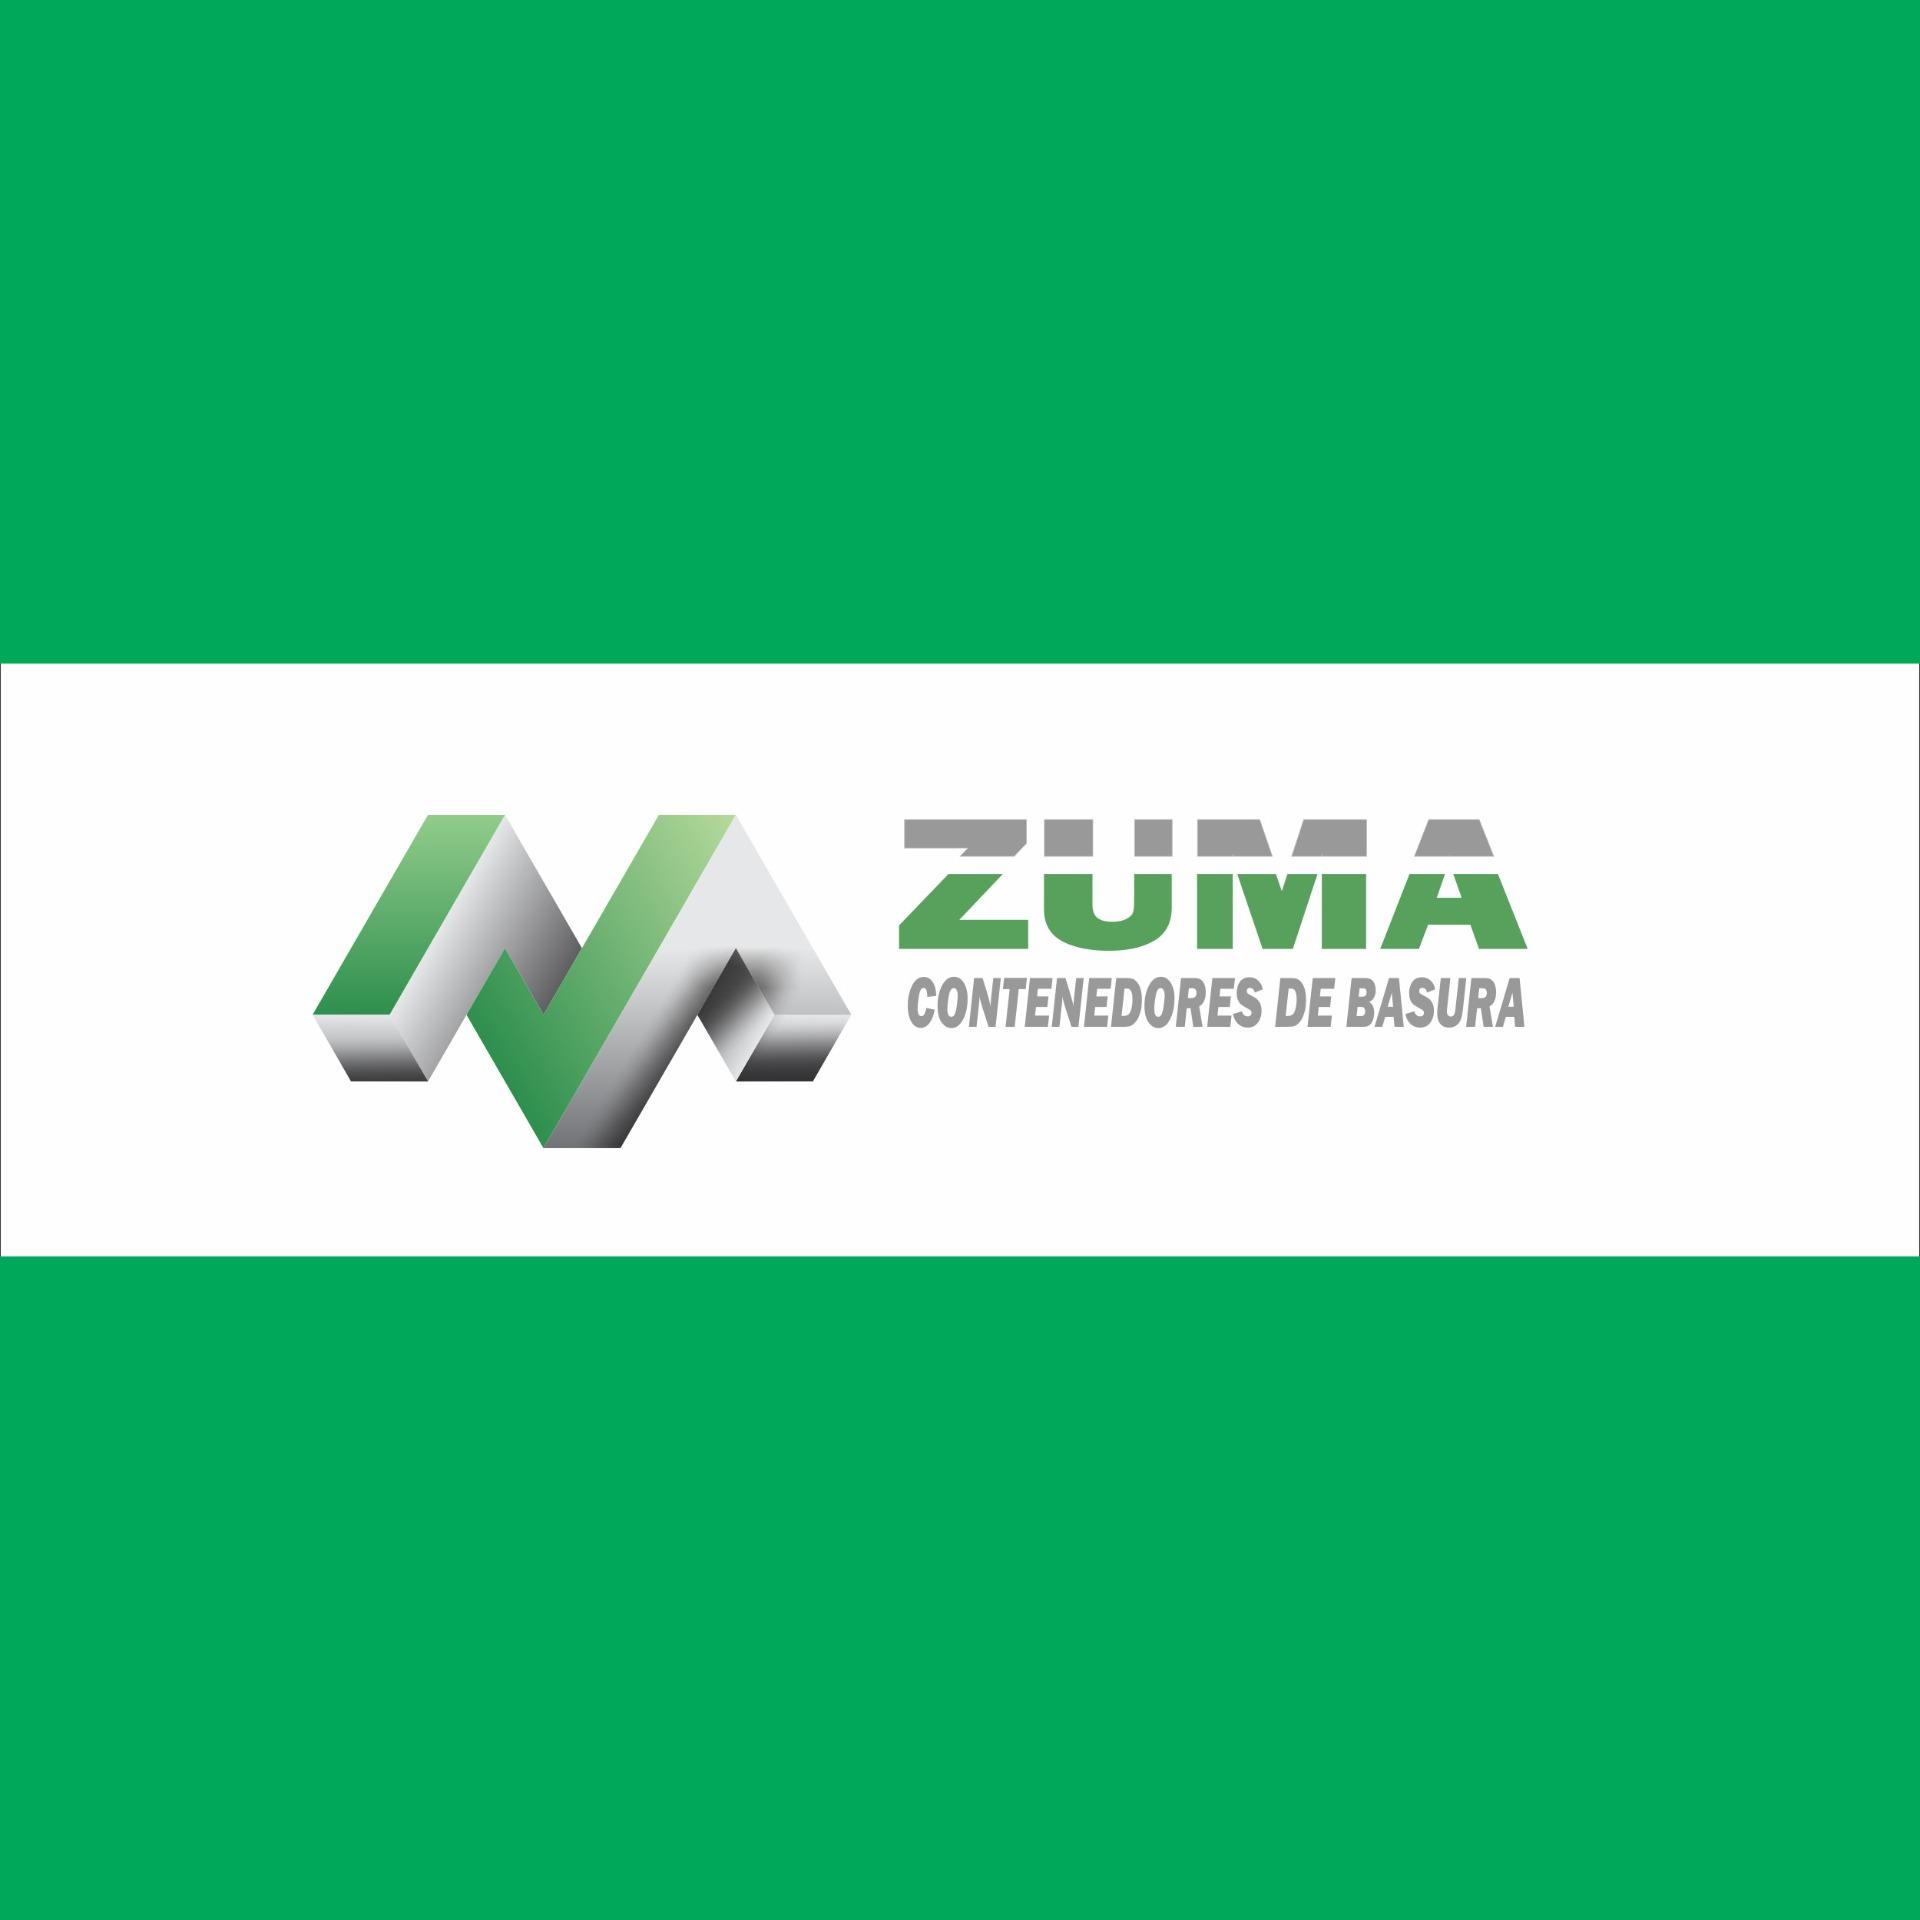 Contenedores de basura Zuma